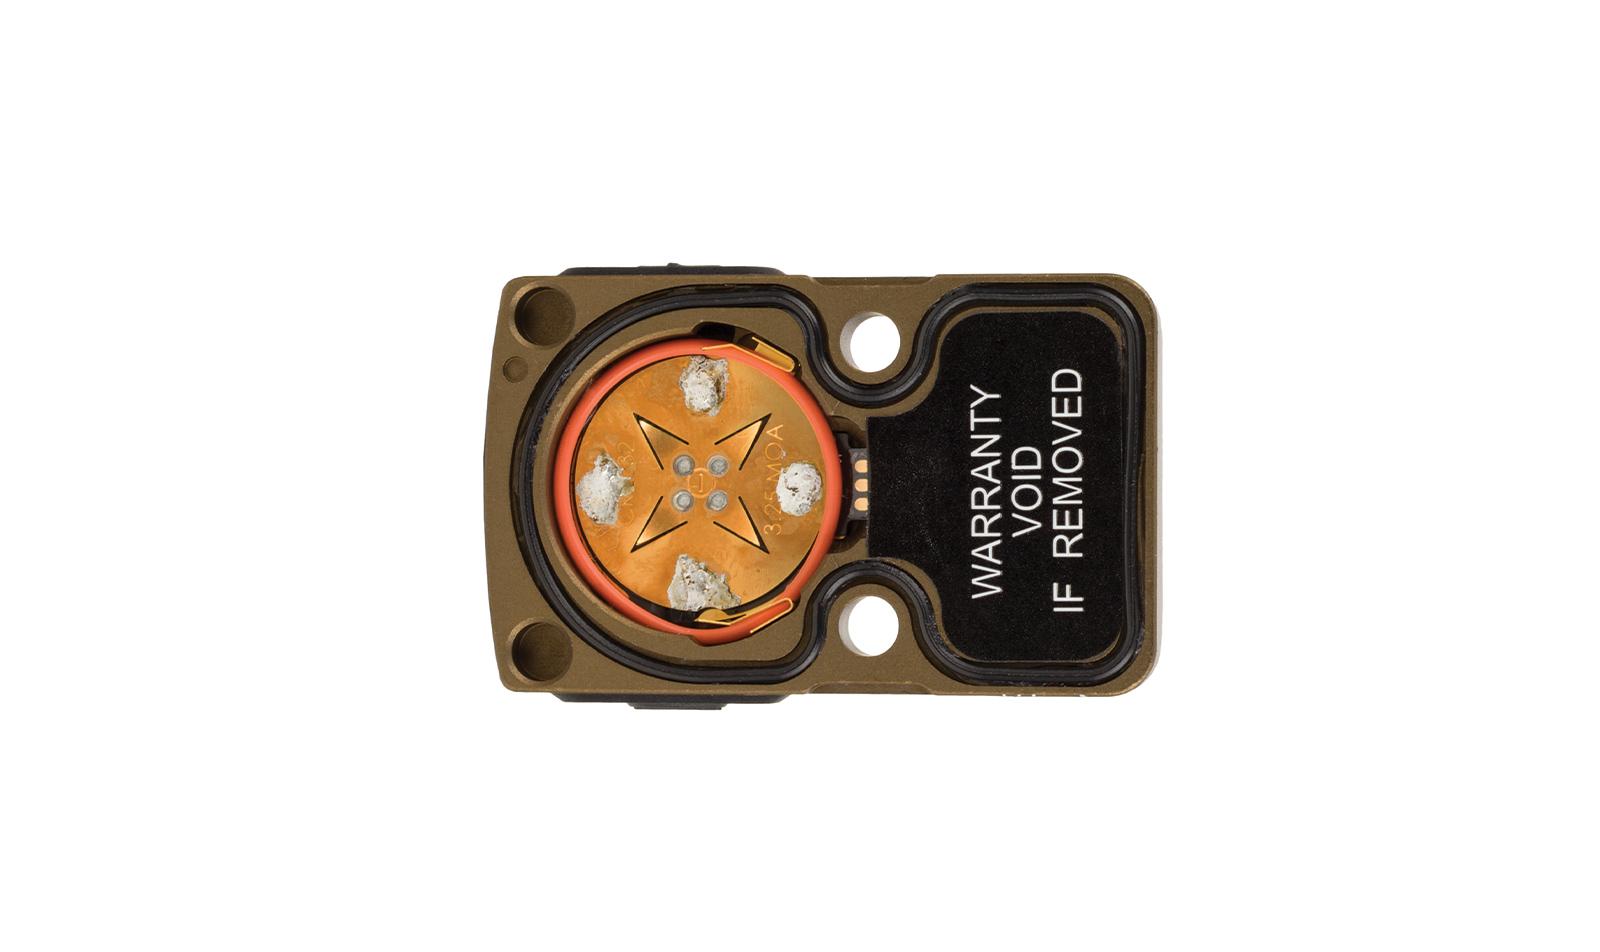 RM06-C-700780 angle 10